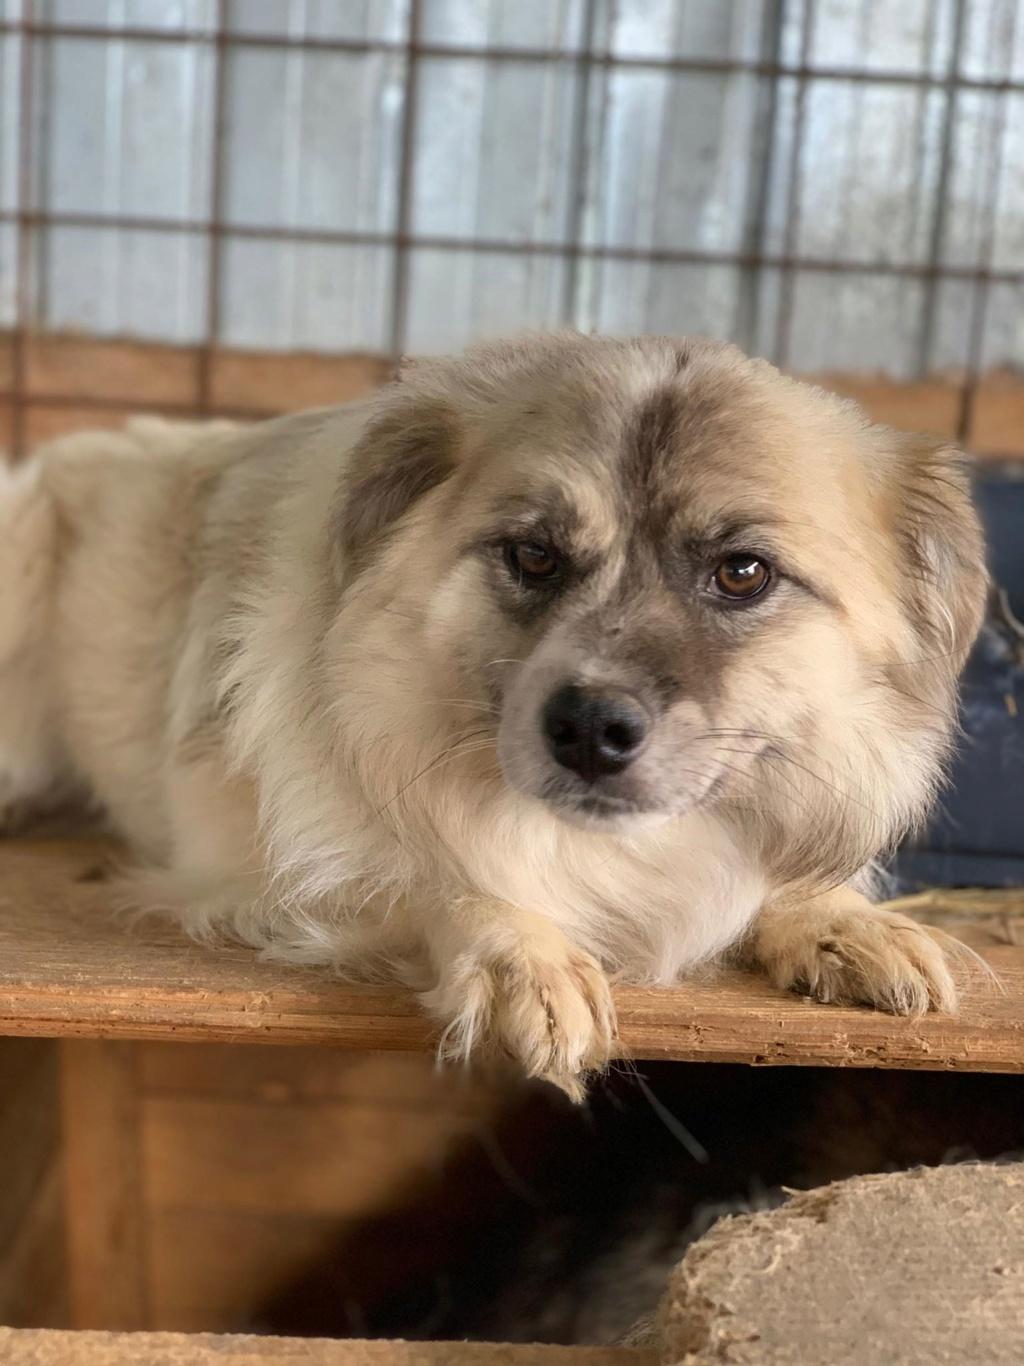 Vulpe - mâle - fourrière de Târgu Frumos - adopté via Andreea 61819610